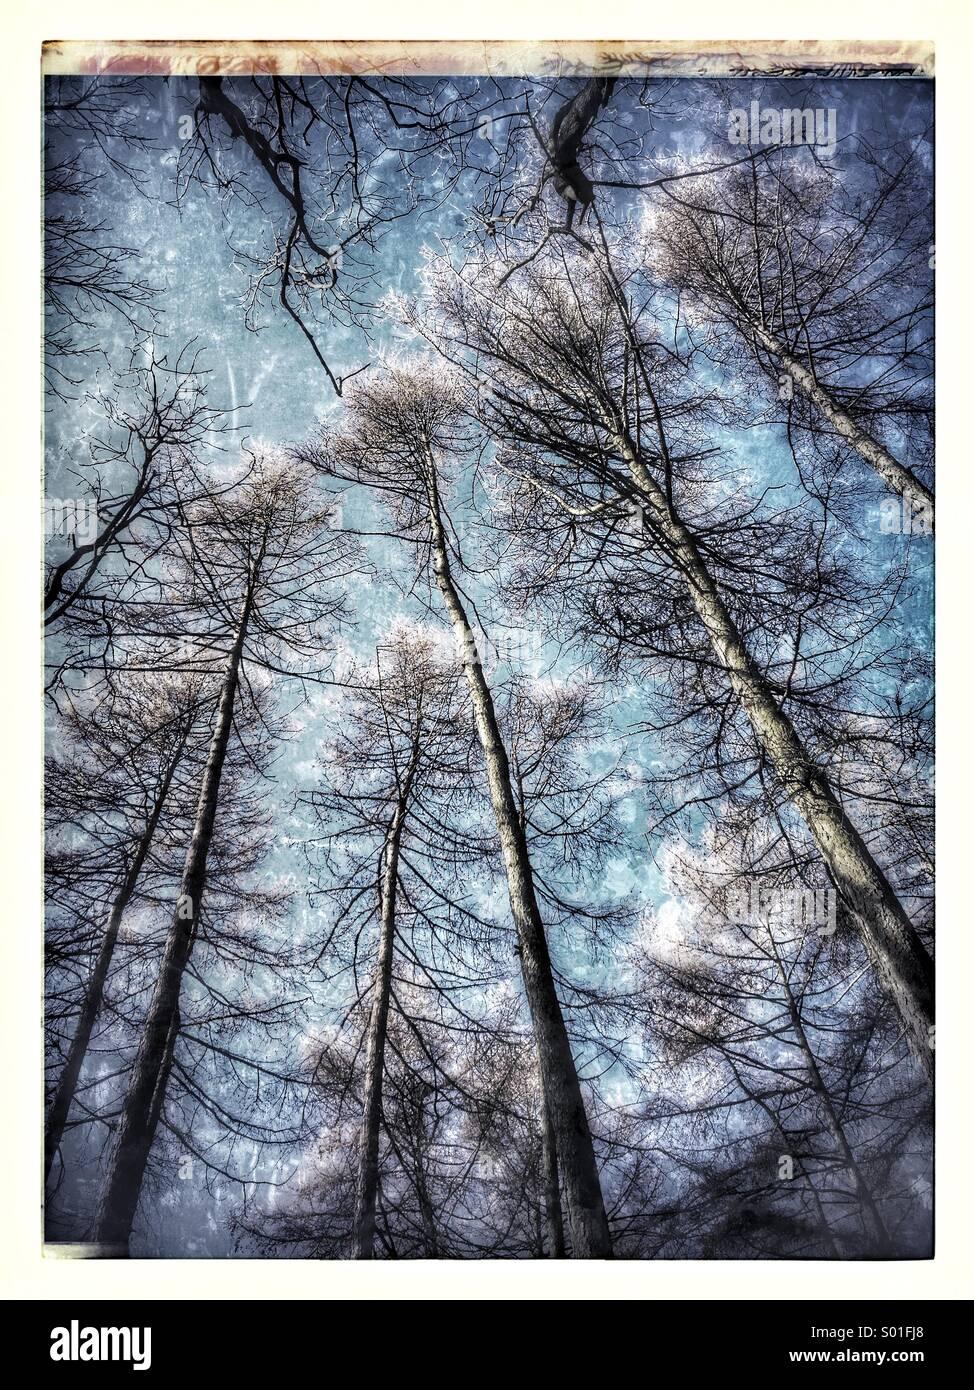 Les arbres dans une forêt ancienne against a blue sky Photo Stock